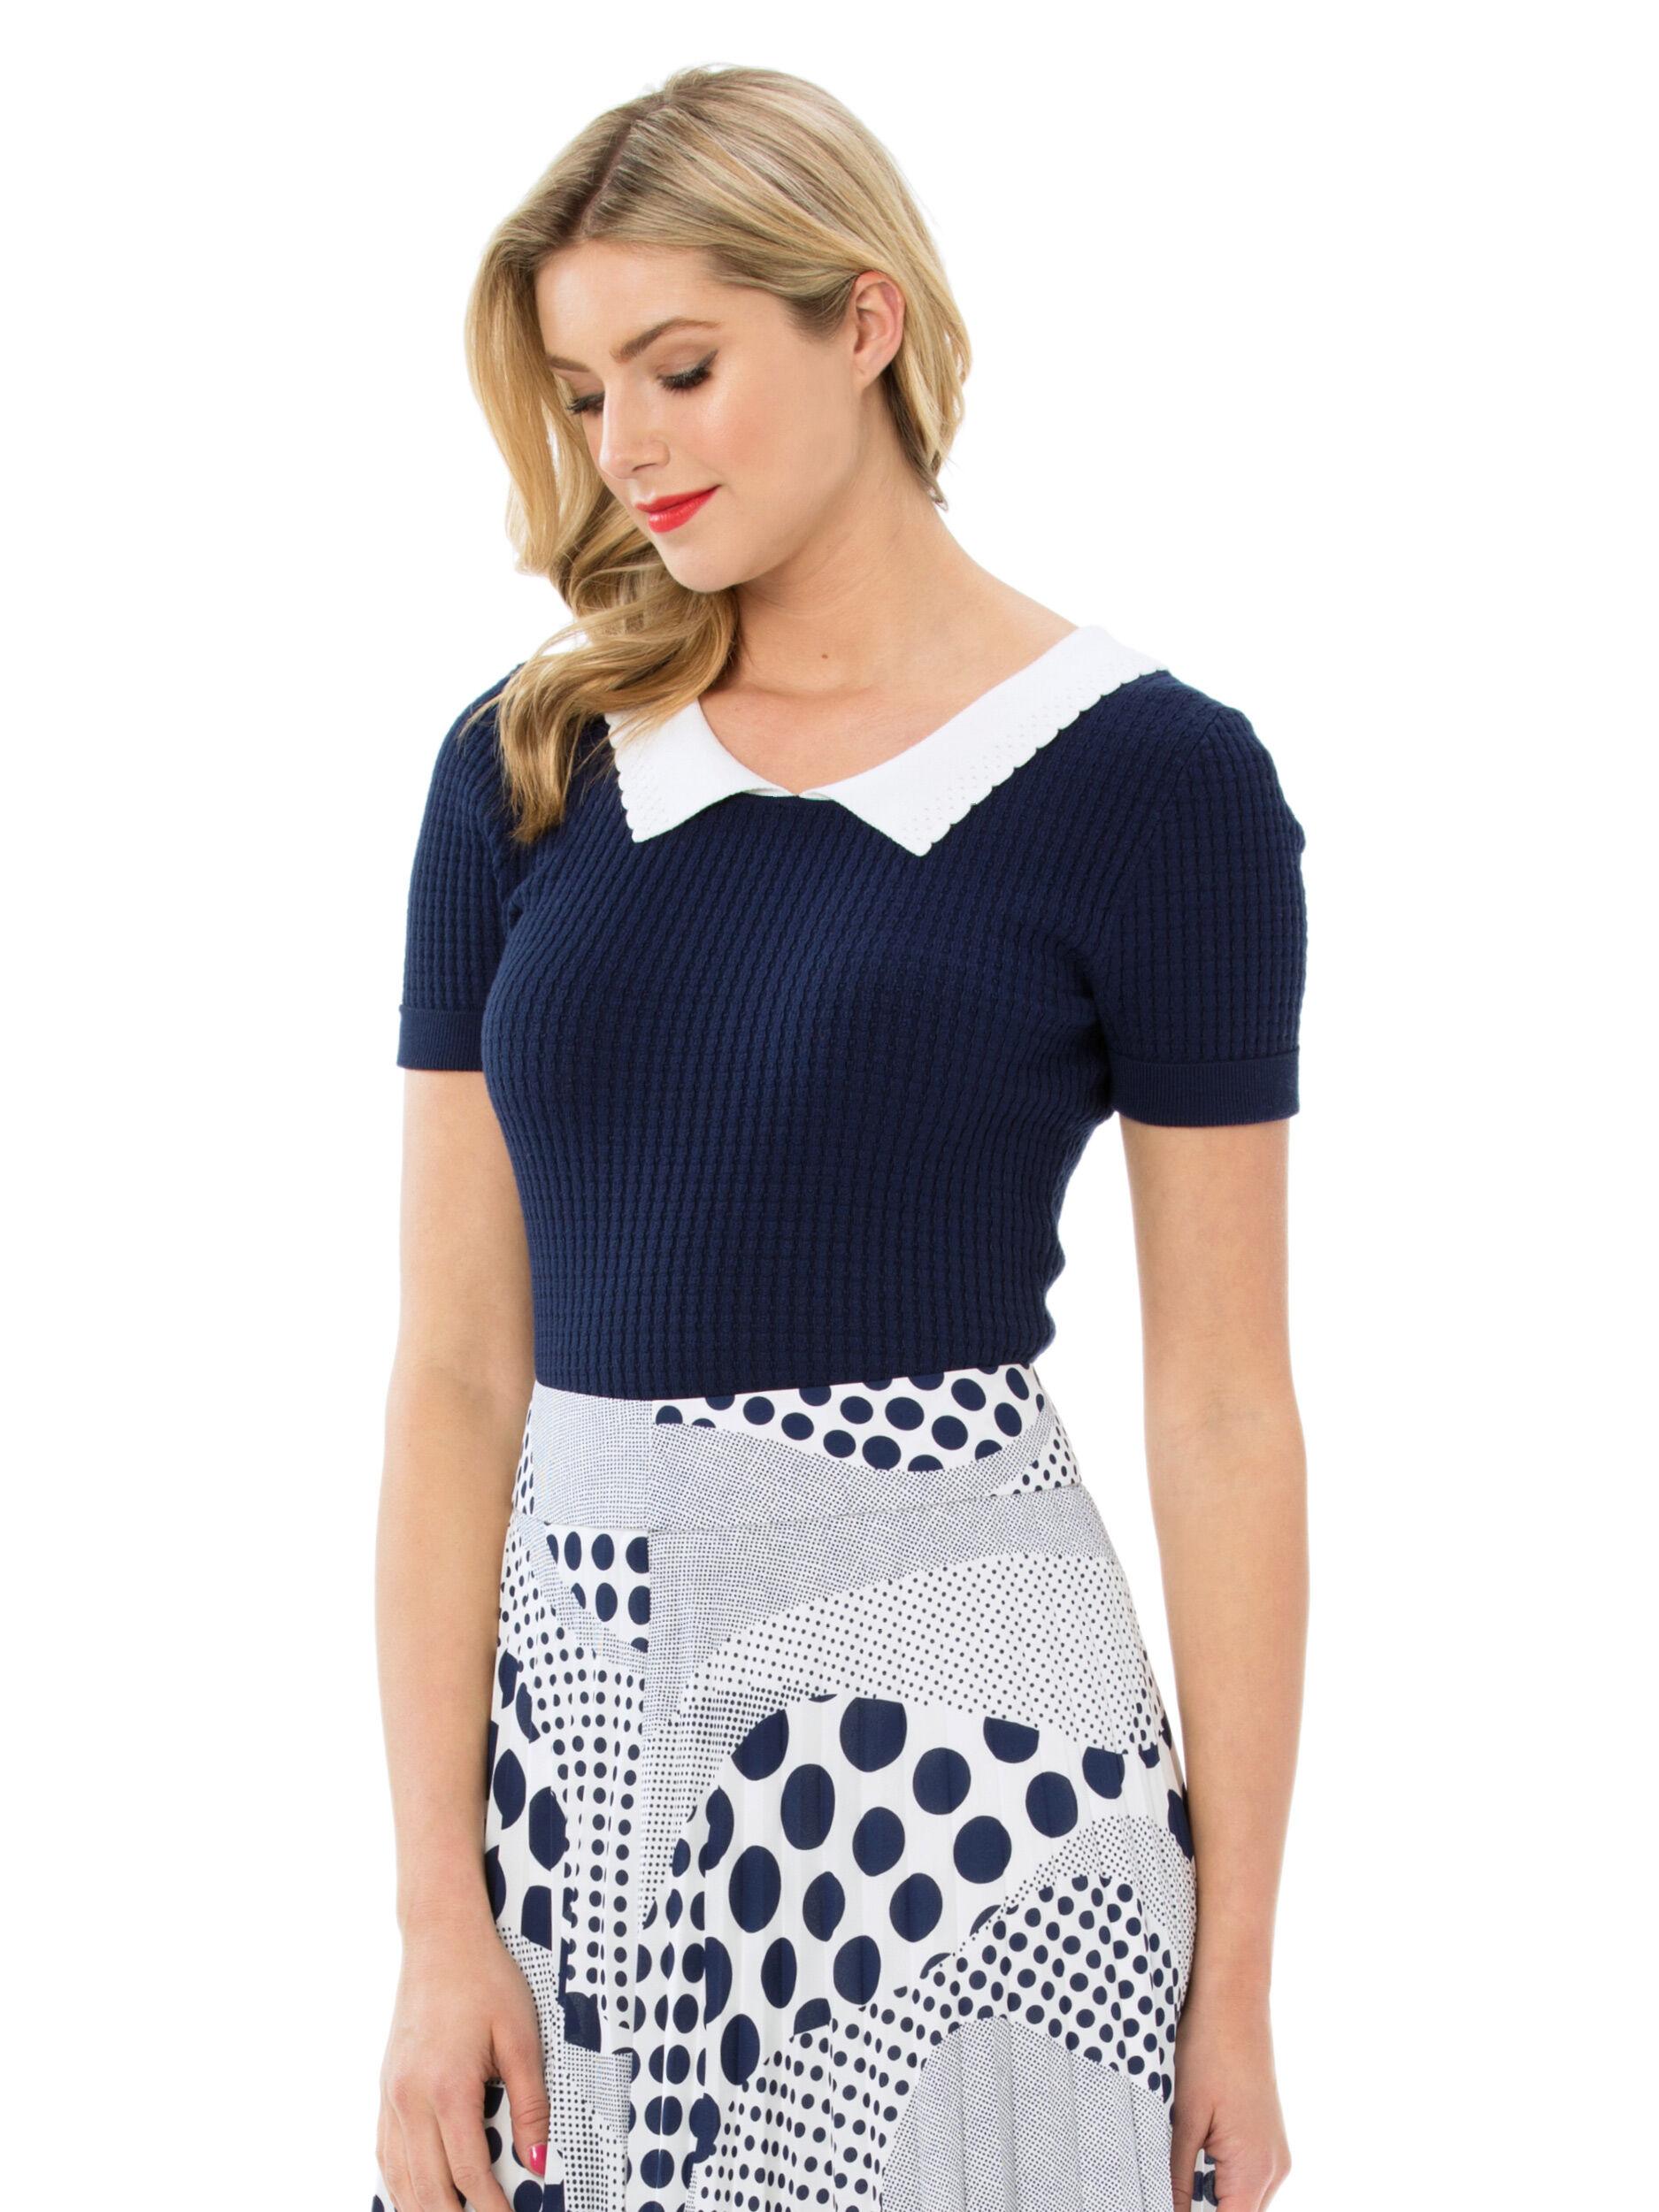 Lovers Lane Knit Top